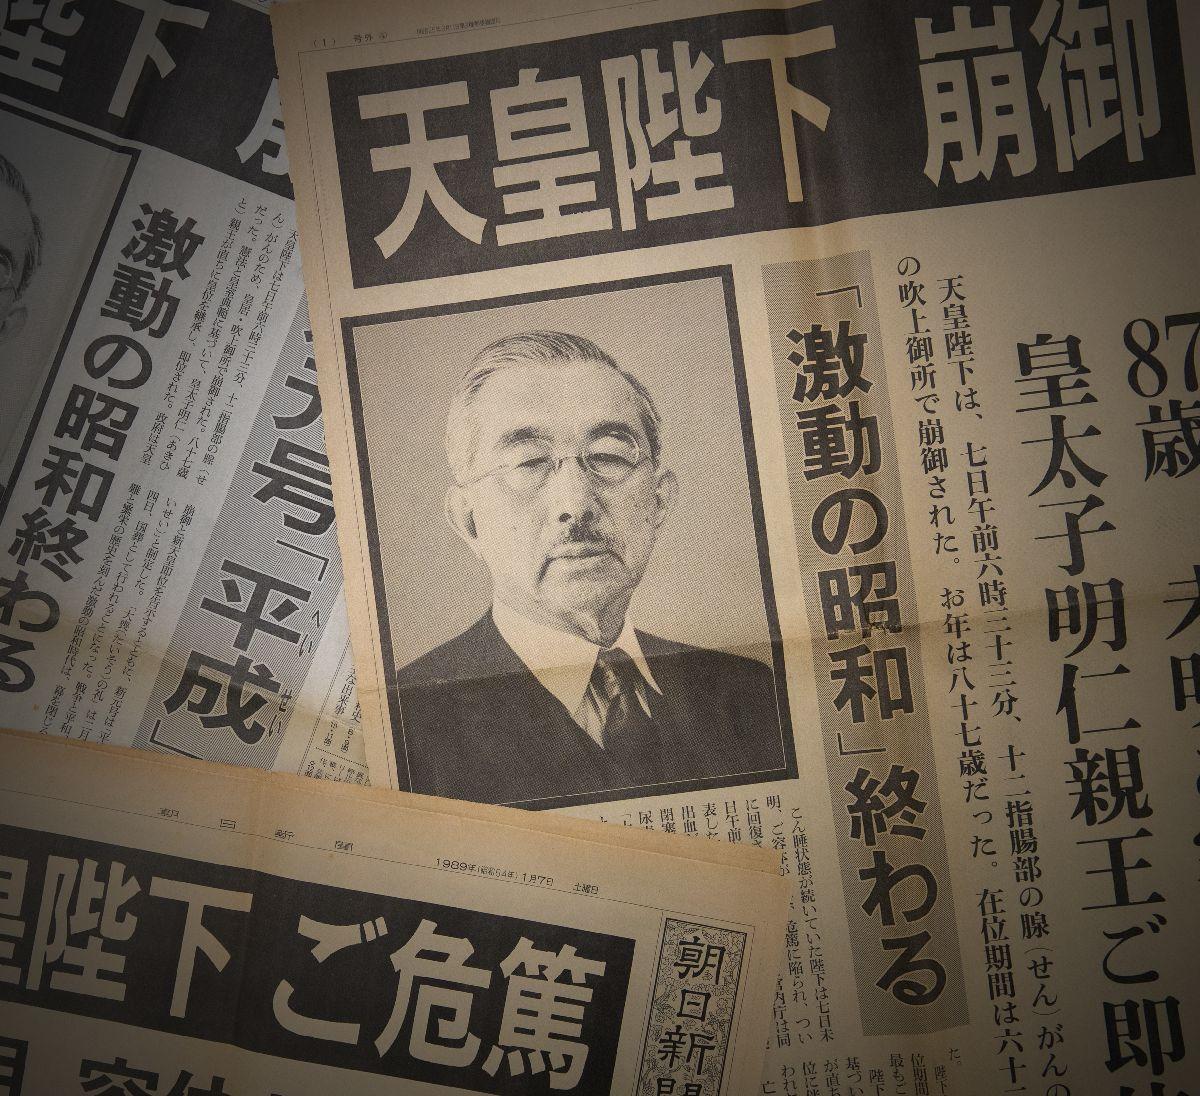 昭和天皇の逝去を伝えた朝日新聞号外など